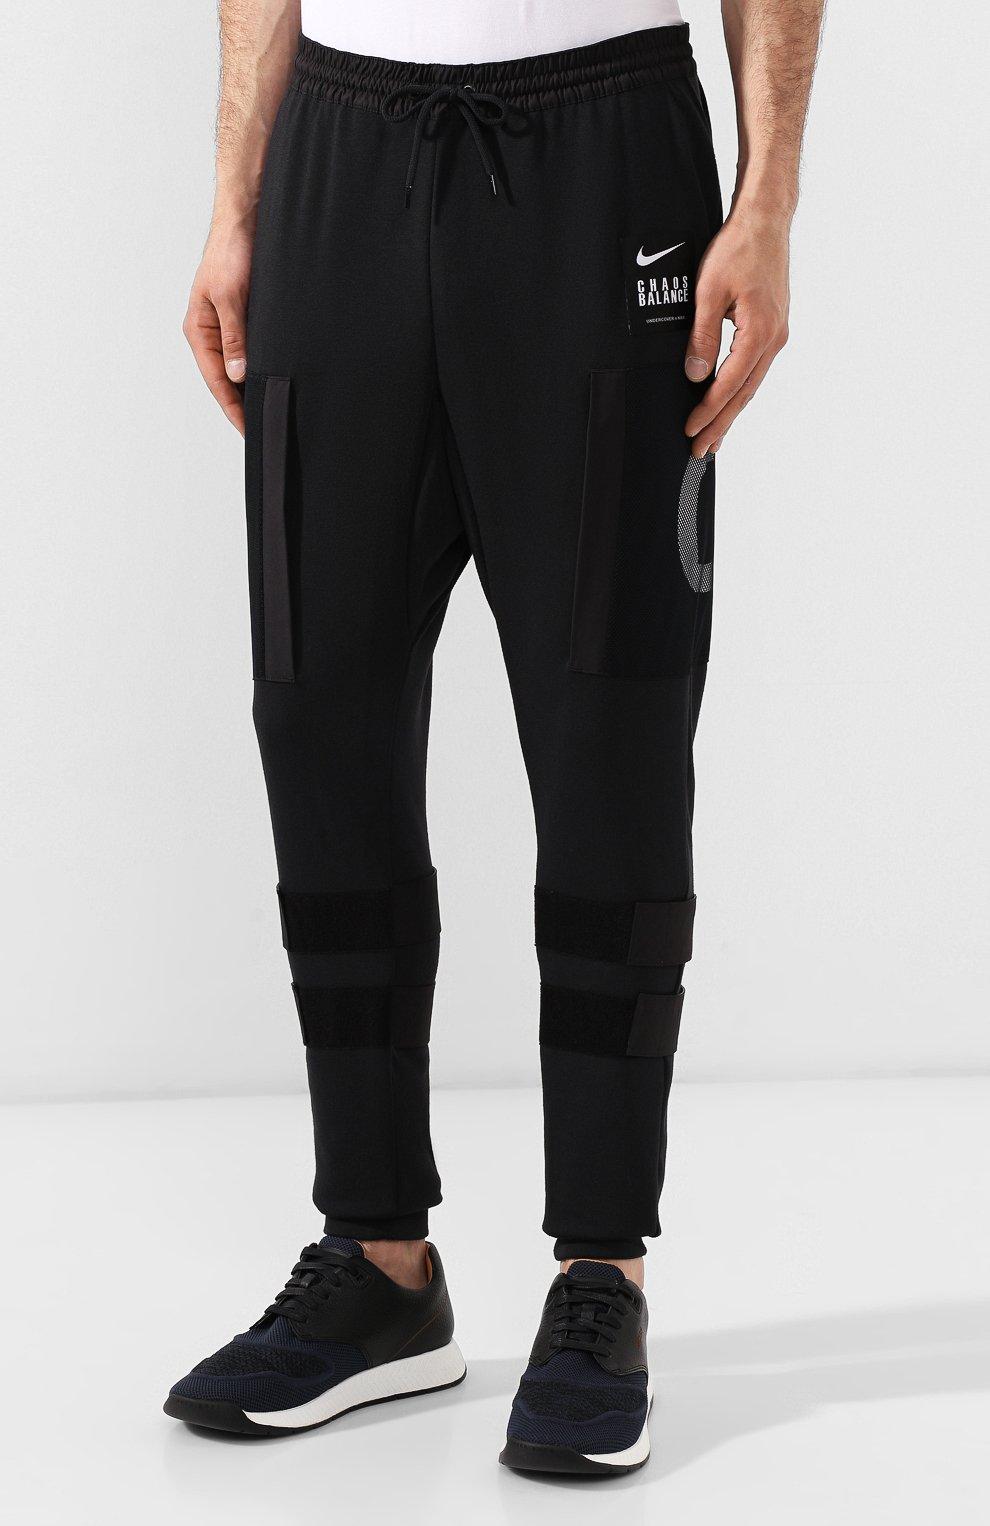 dce9b387 Мужская спортивная одежда по цене от 4 820 руб. купить в интернет-магазине  ЦУМ